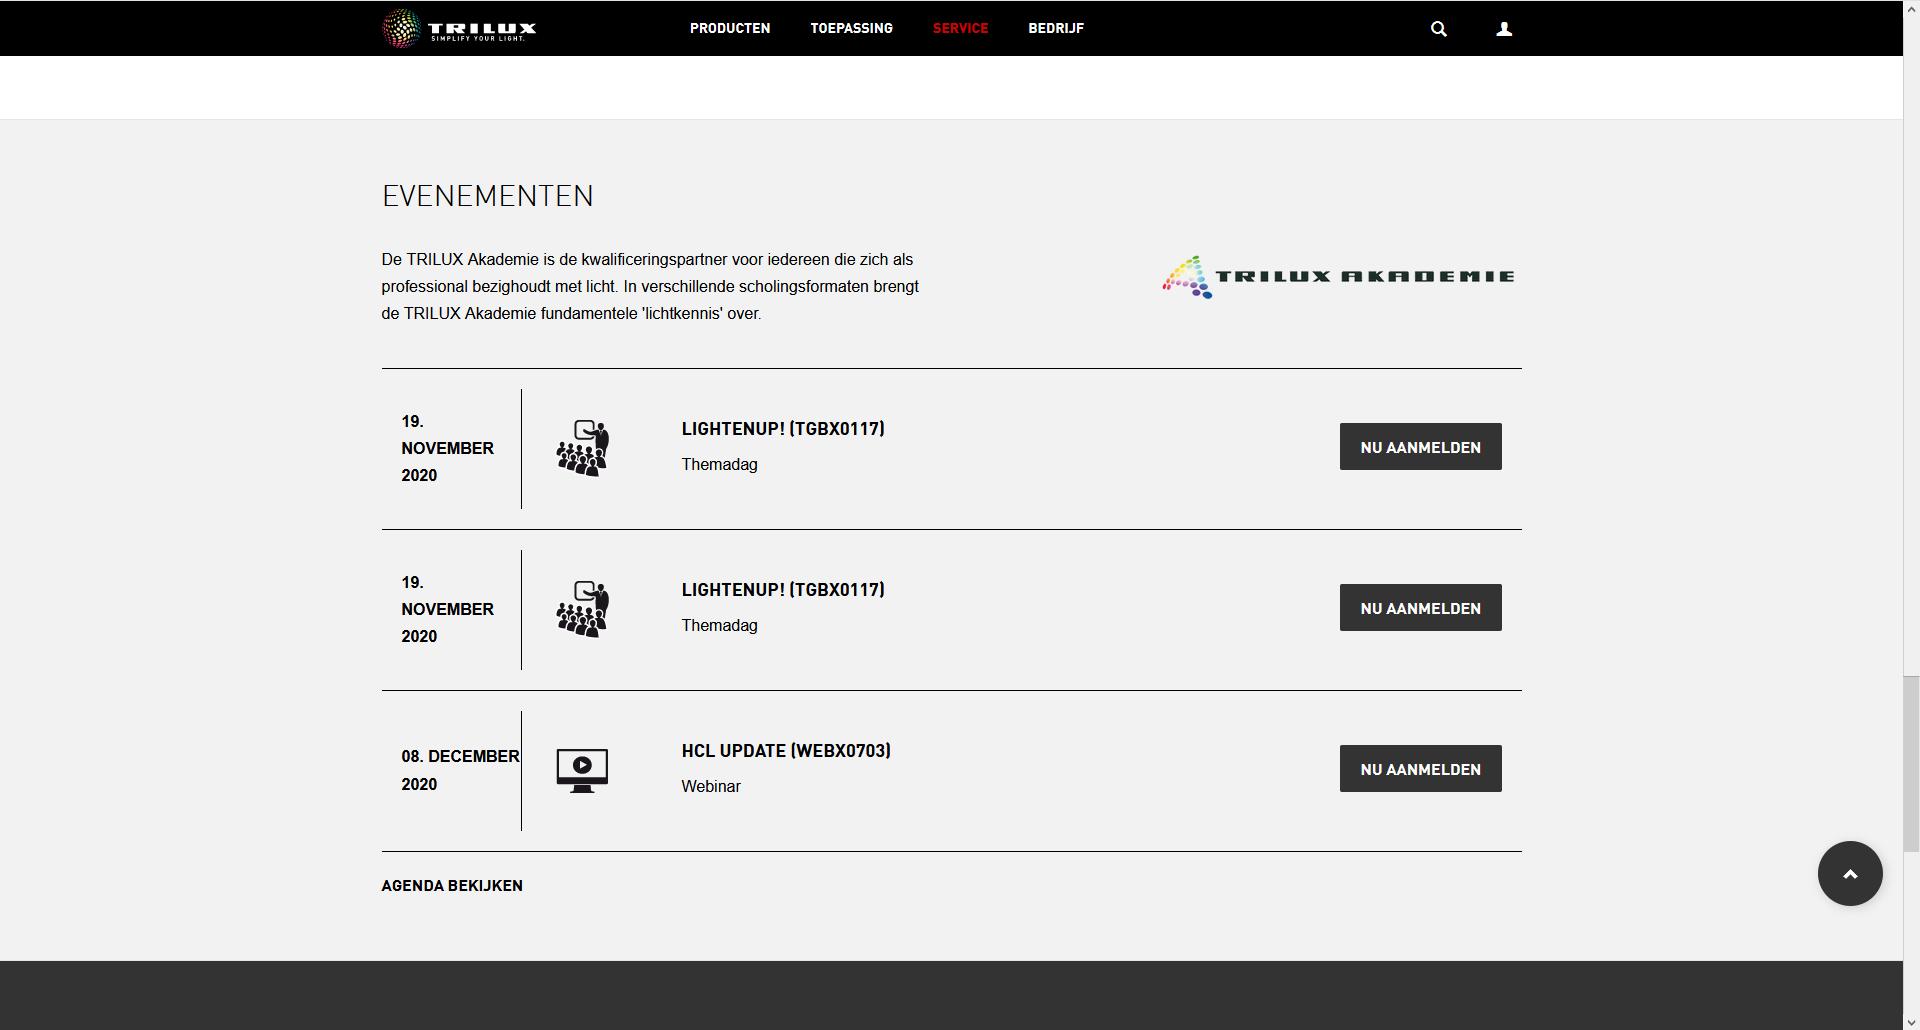 Via de website kan je aanmelden voor webinars of evenementen